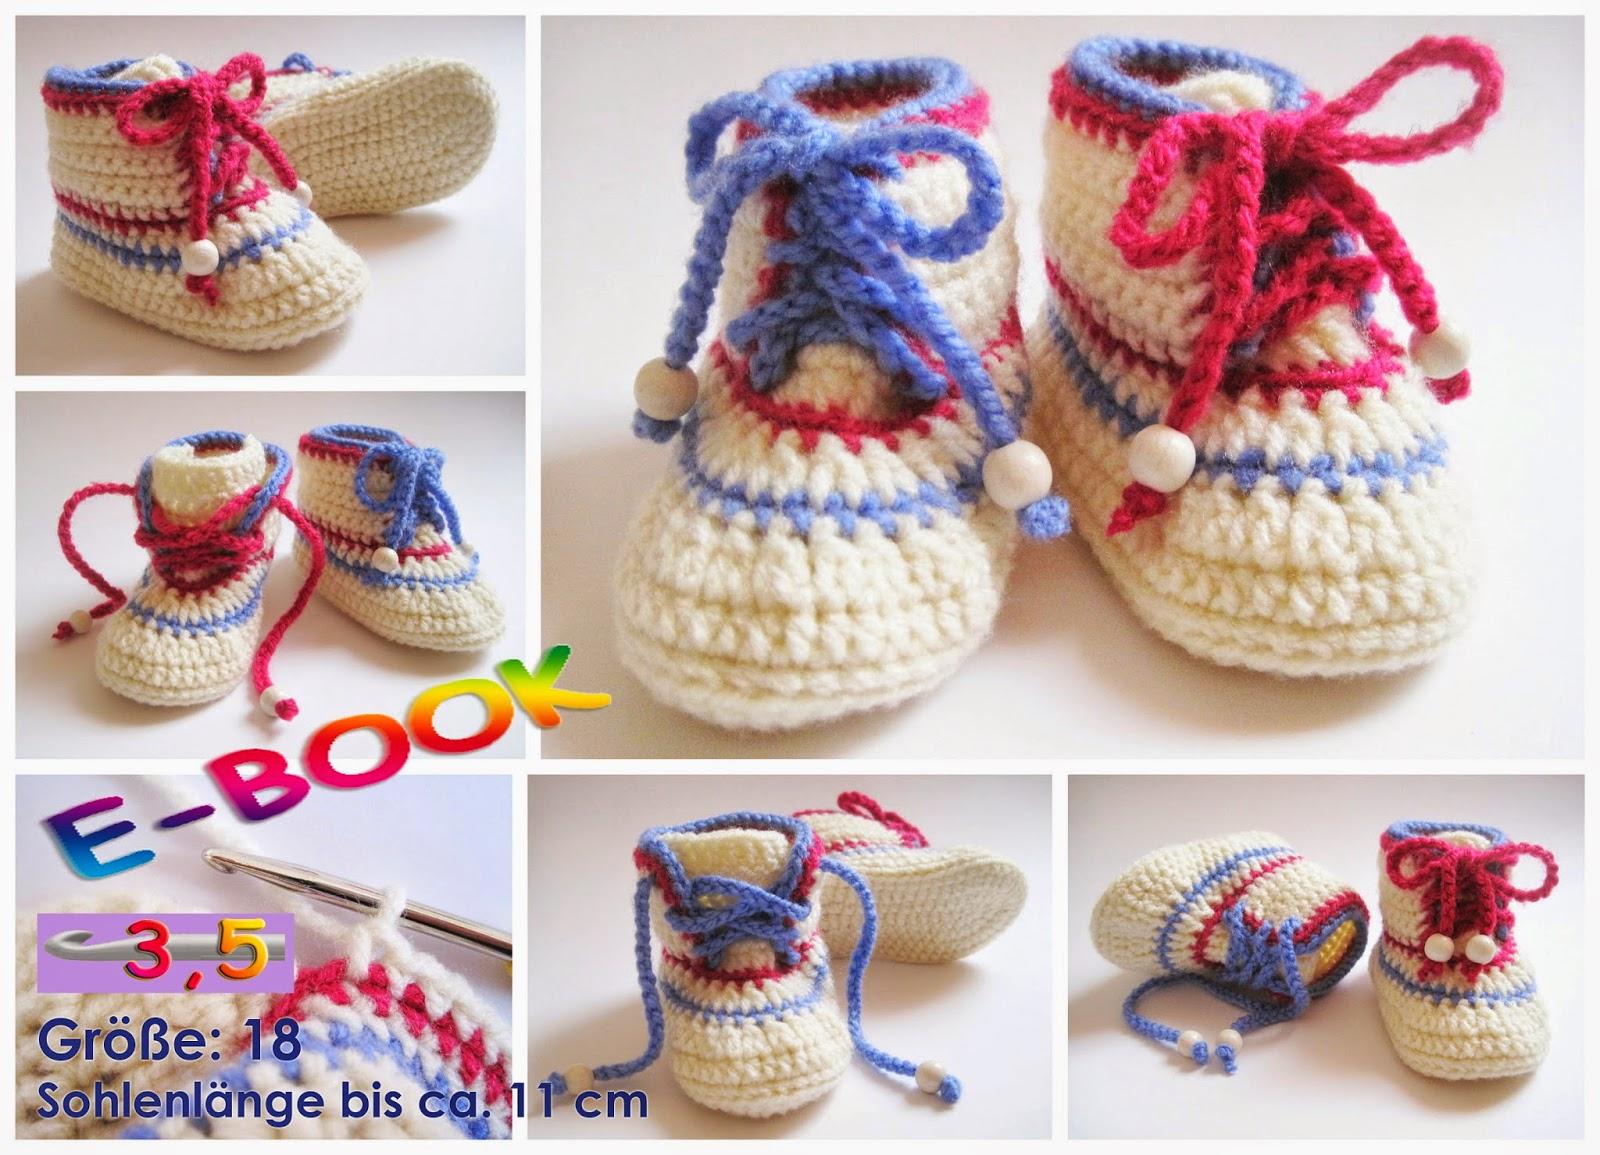 Baby sneakers häkeln, Baby Schuhe häkeln, Anleitung